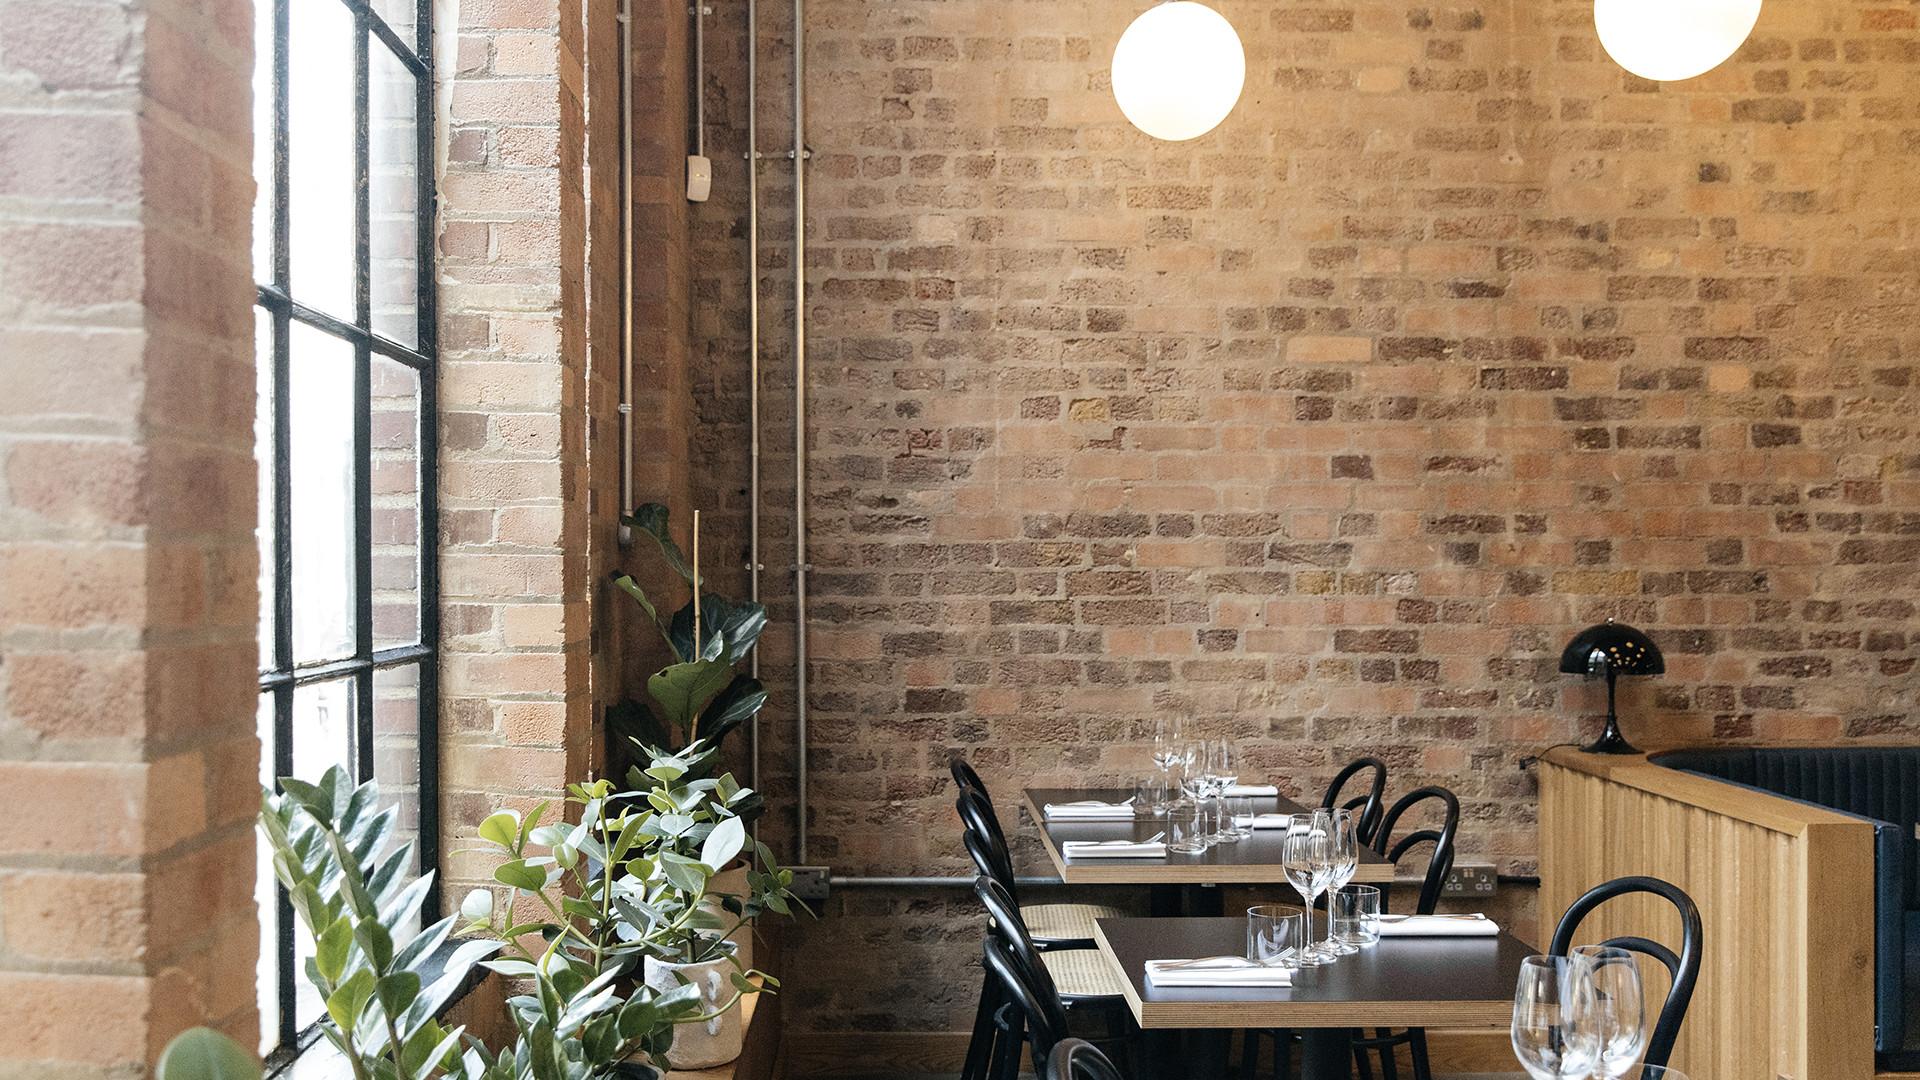 Flor, London Bridge: restaurant review